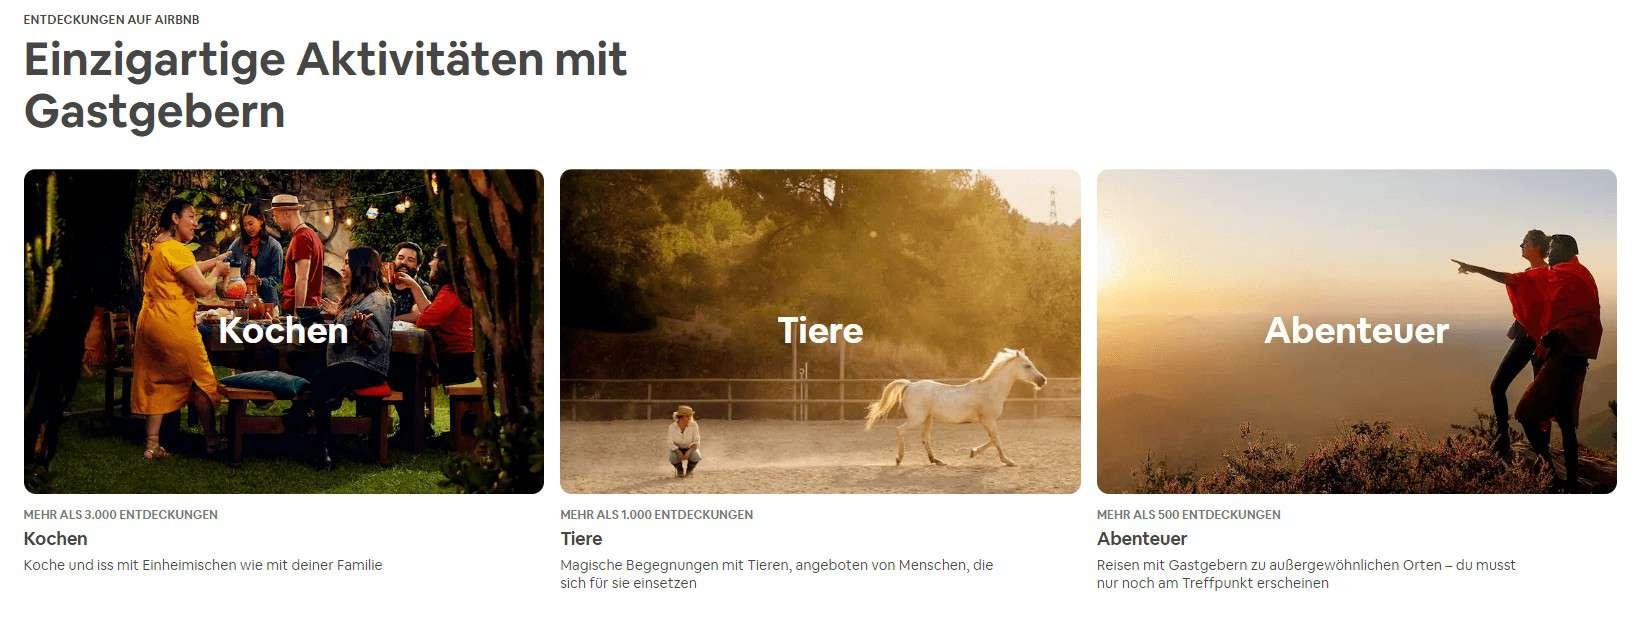 Geheimtipps Airbnb Experiences für coole Tinderfotos